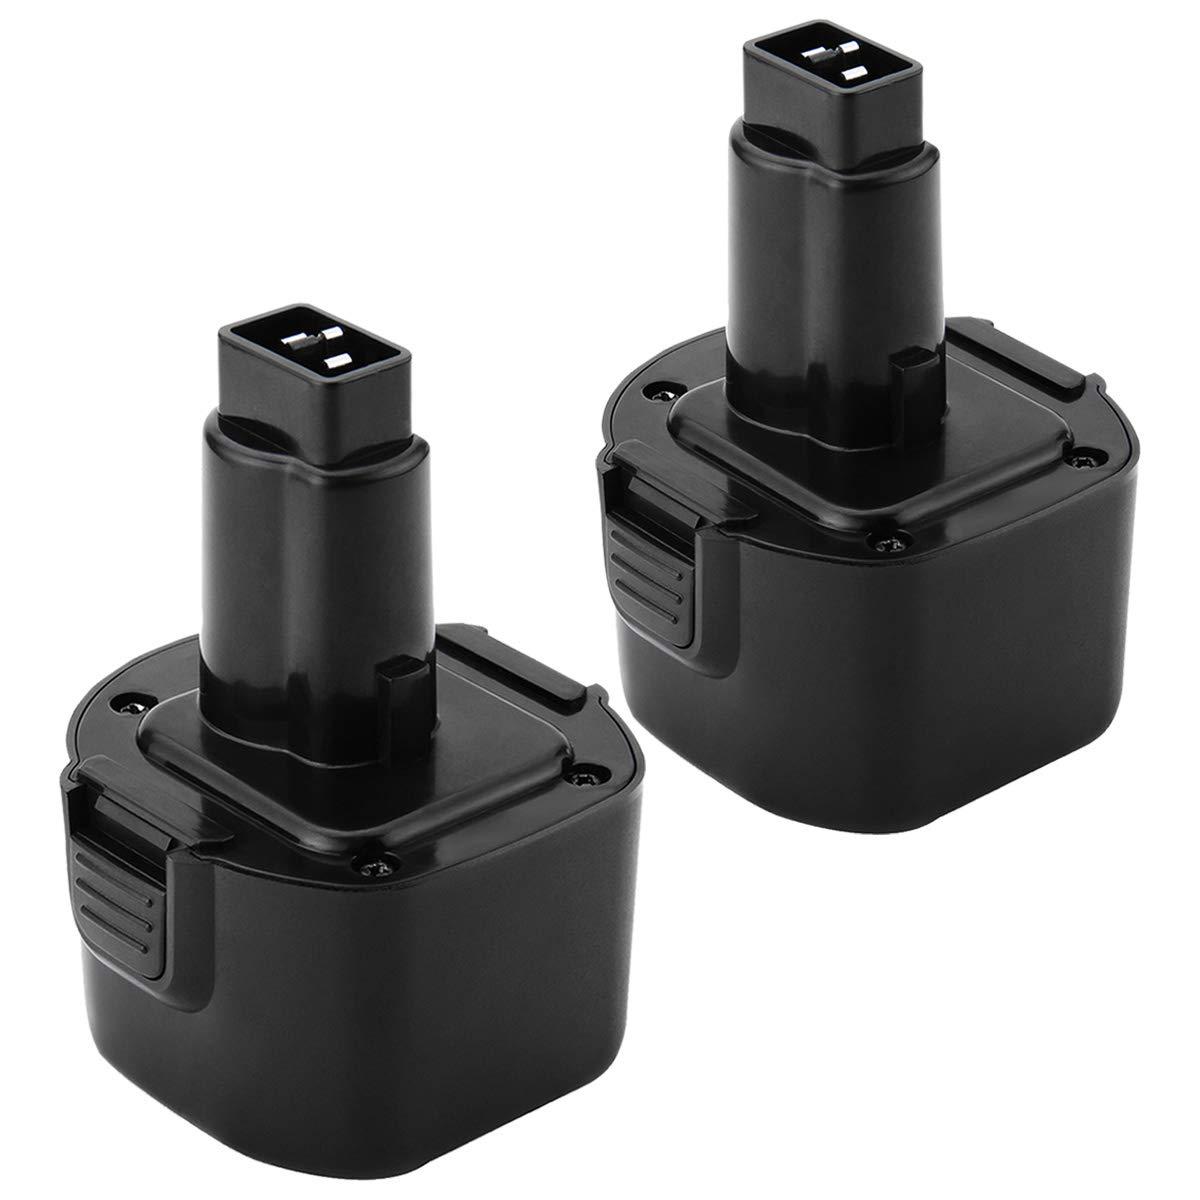 Shentec 2 Pack 3000mAh 9.6V Battery Compatible with Dewalt DW9062 DW9061 DE9036 DE9061 DE9062 DW9614 DW050, Ni-MH Battery